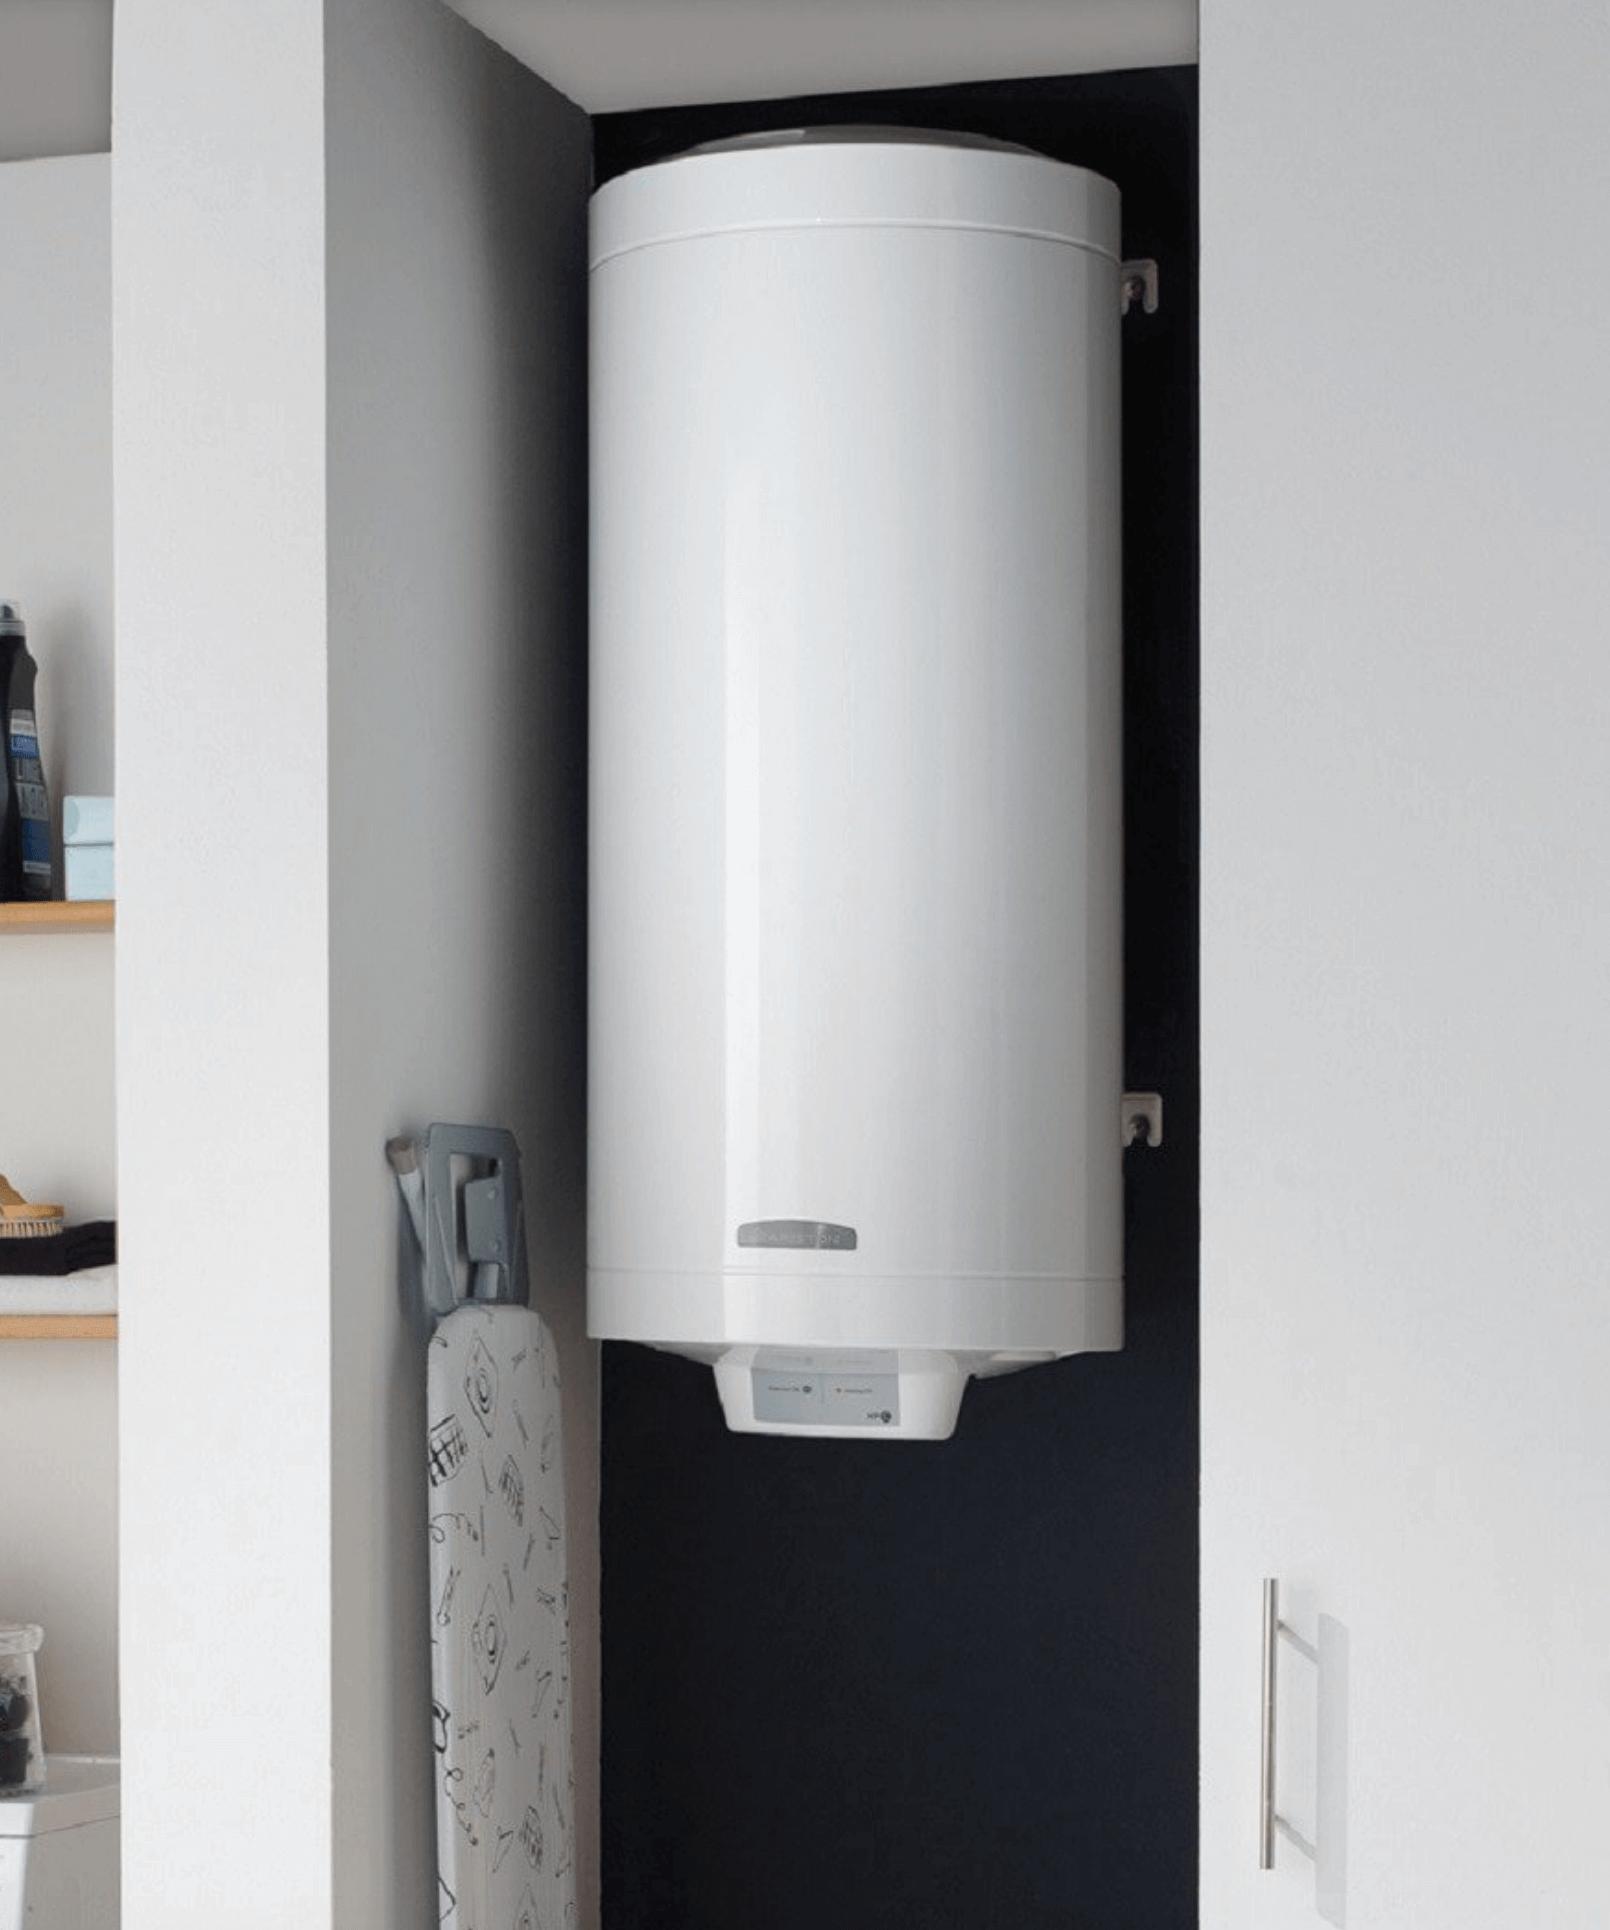 Plomberie - Pose de ballon d'eau chaude